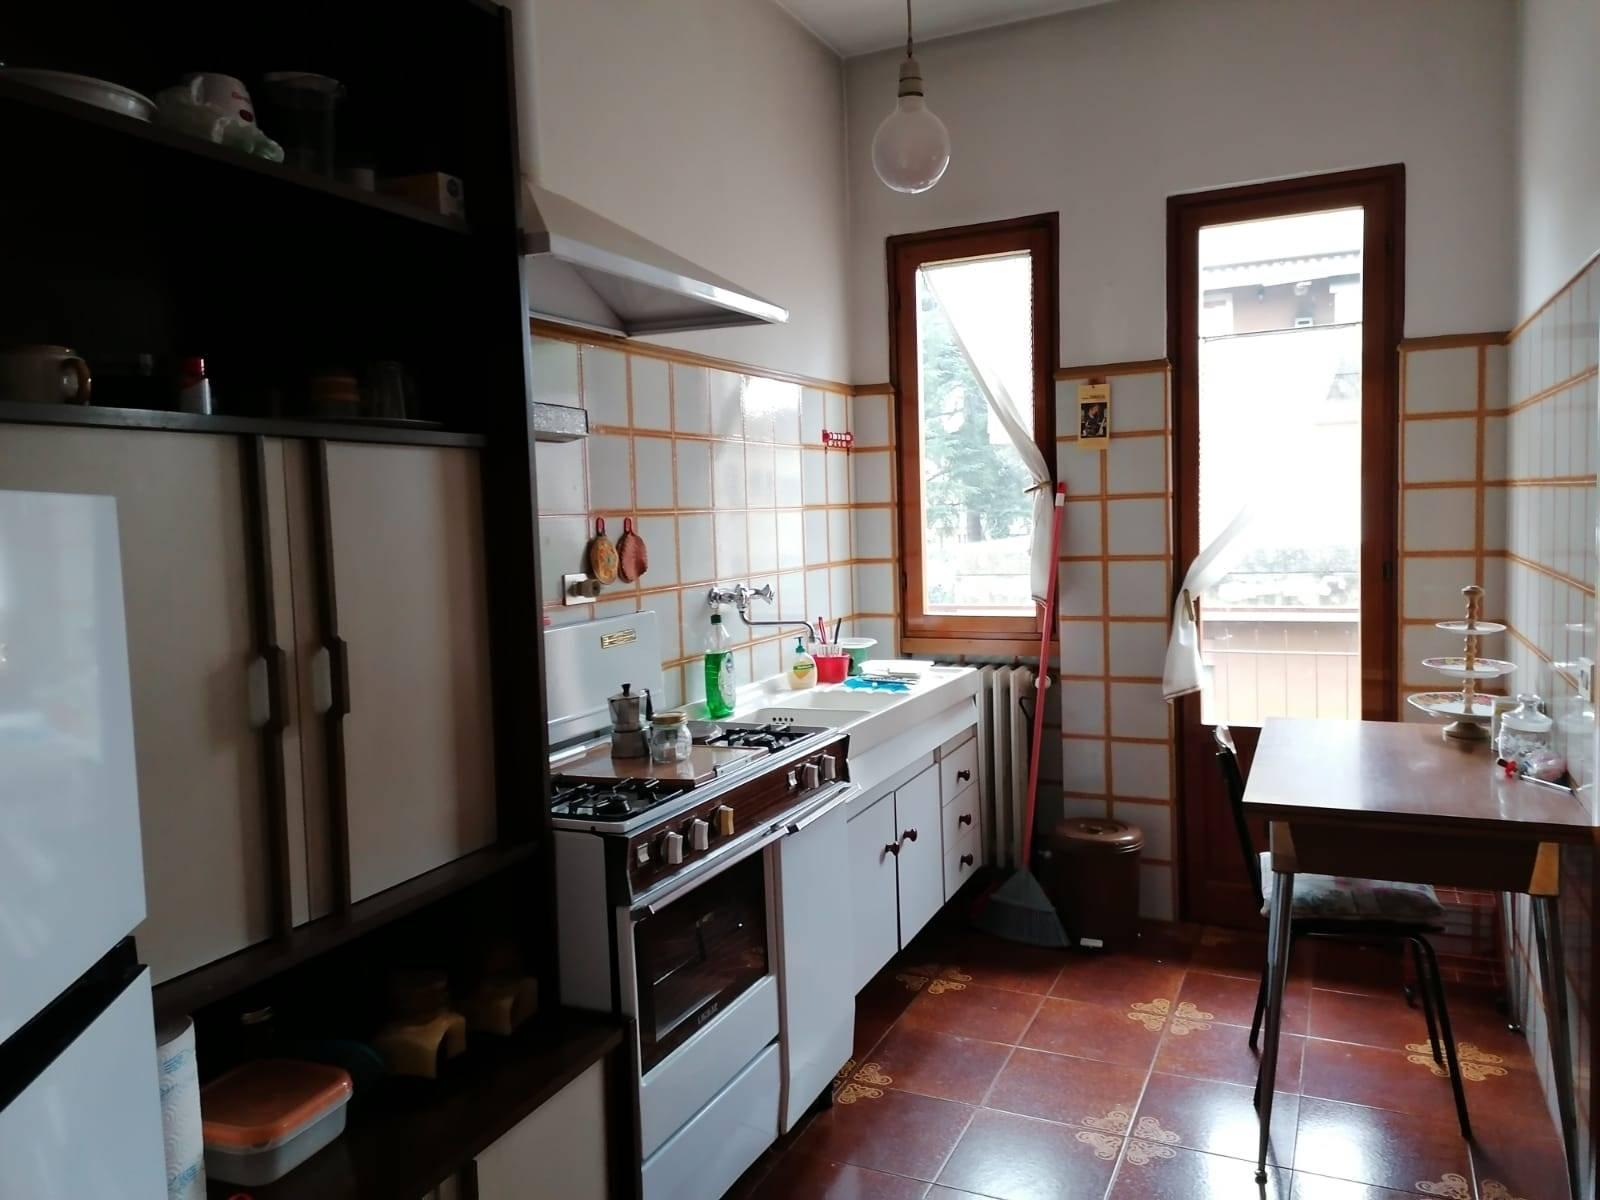 Villa in Vendita a Campi bisenzio zona  - immagine 25